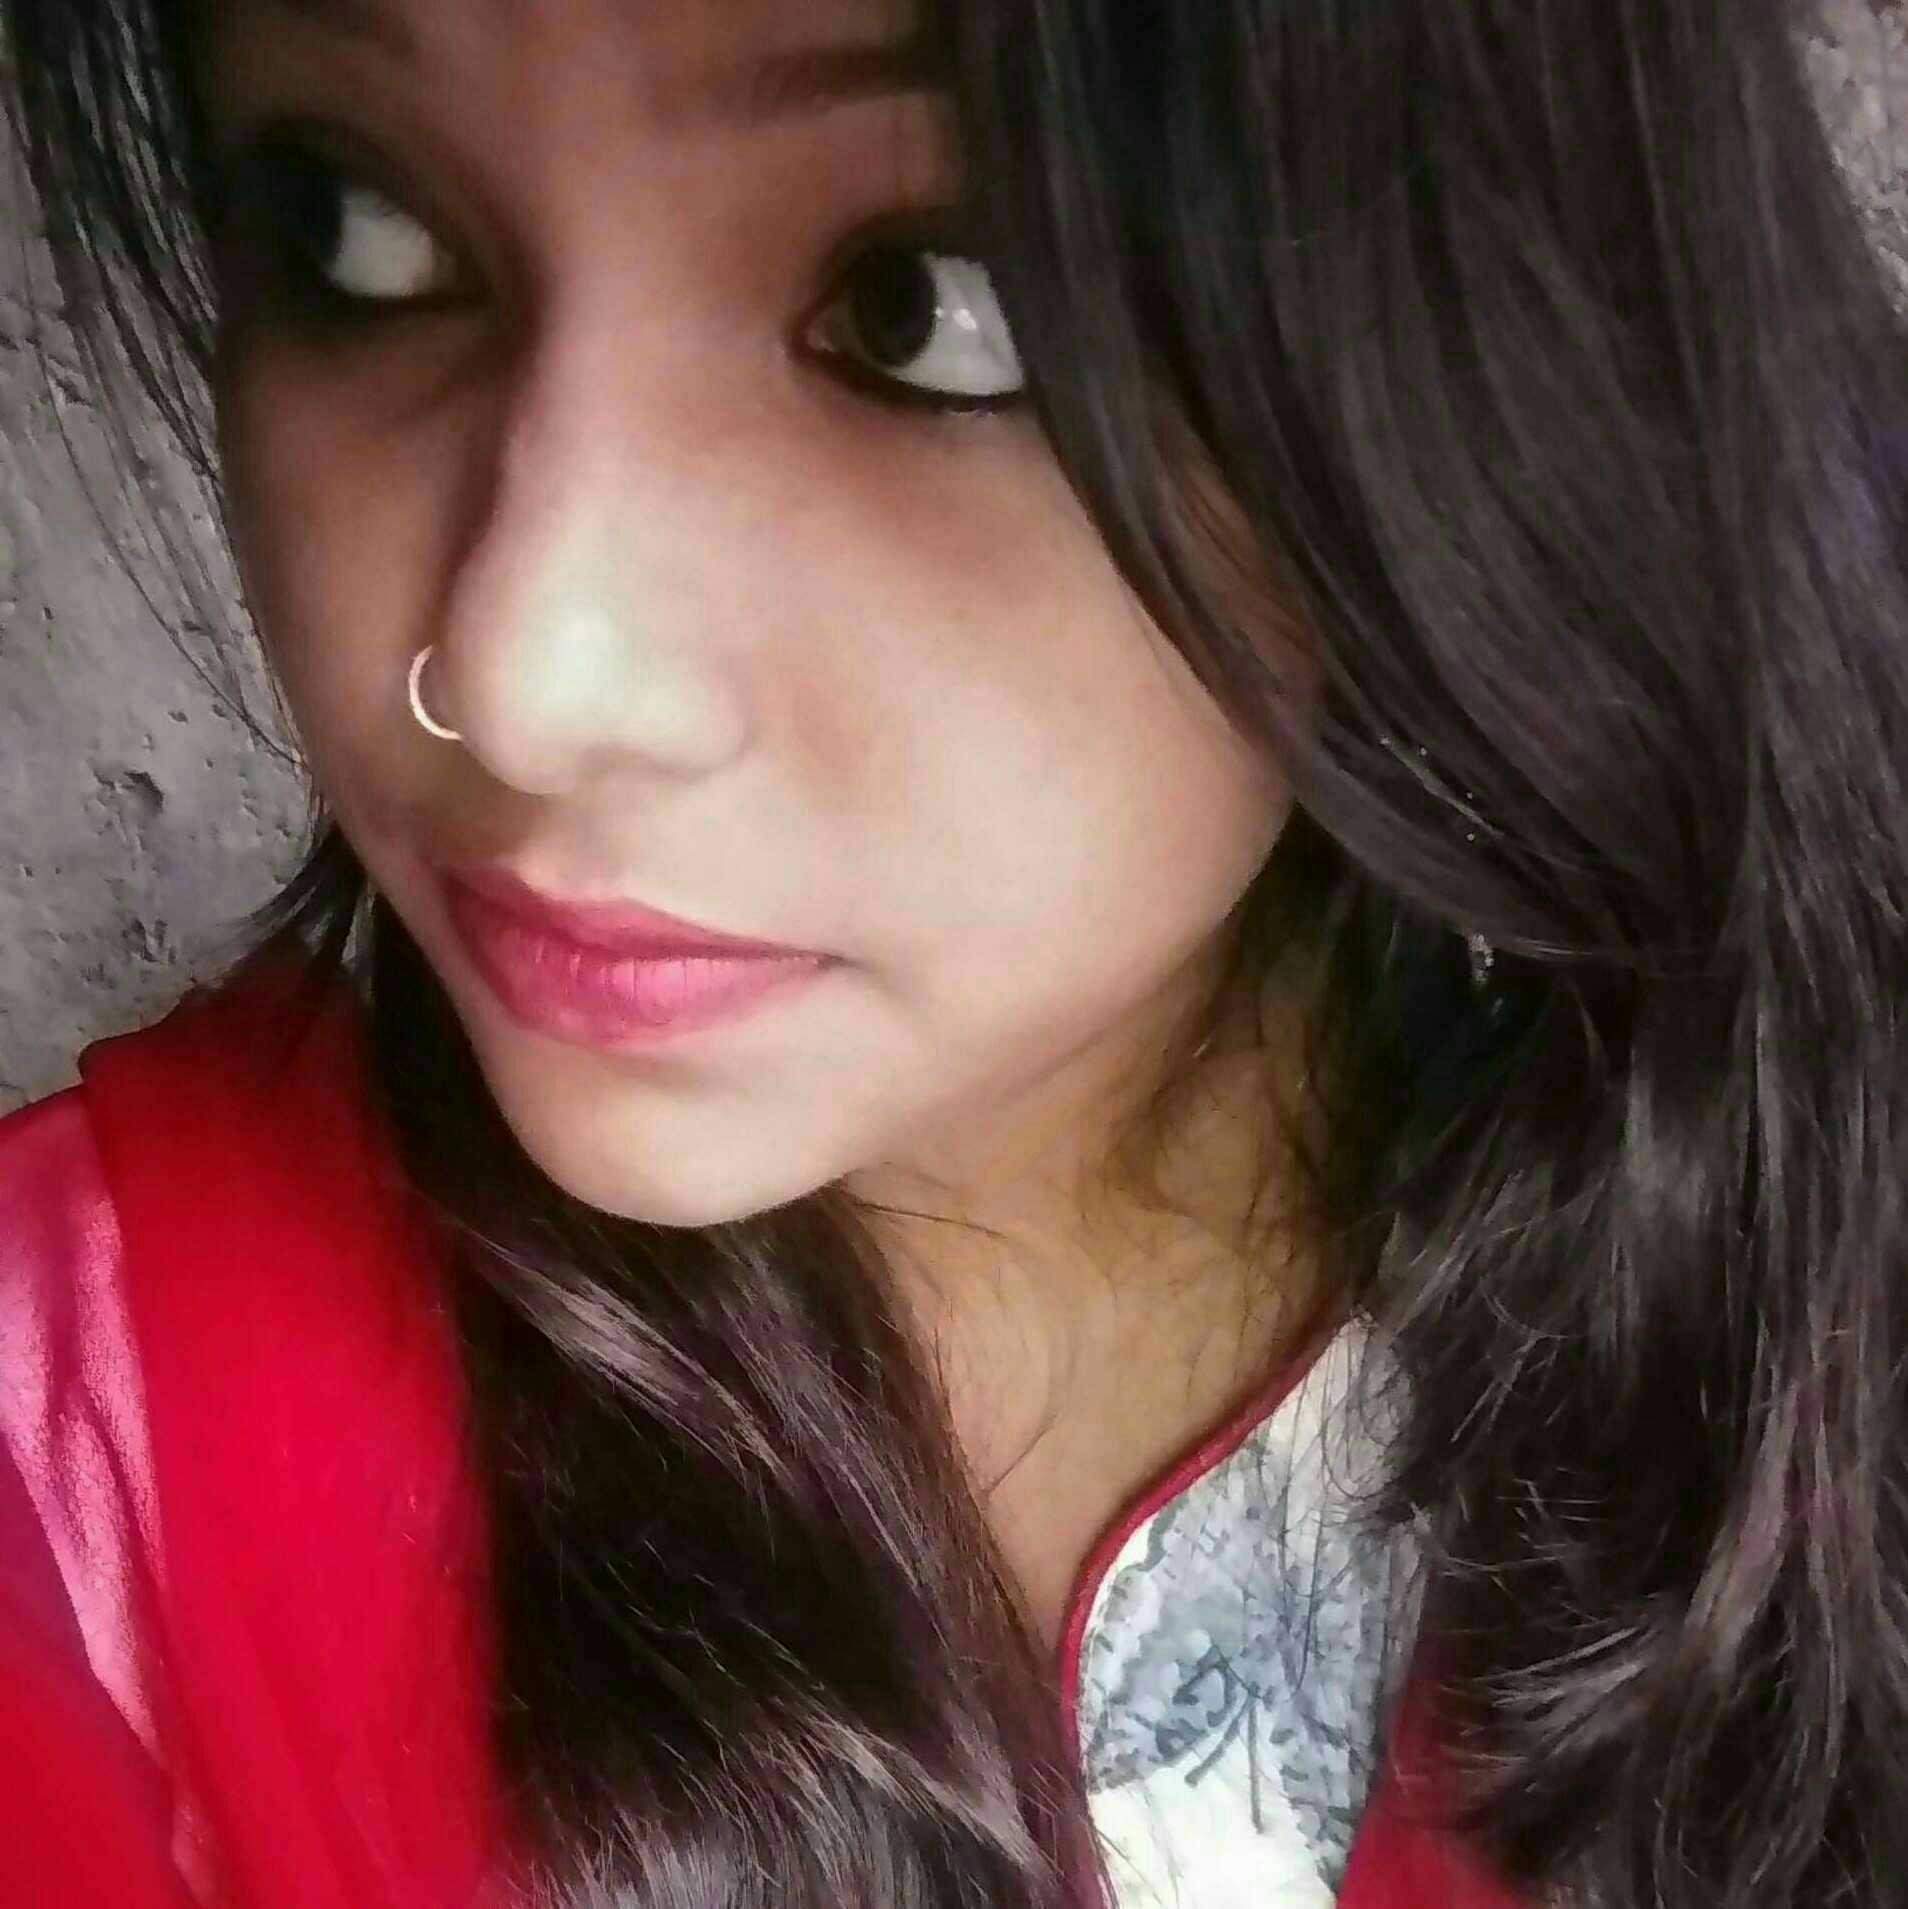 Shweta Singh Ek panchhee ki Tarah hu main,Jitna qaid mein rakhoge,udne ki talab utni hi jyada hogi.